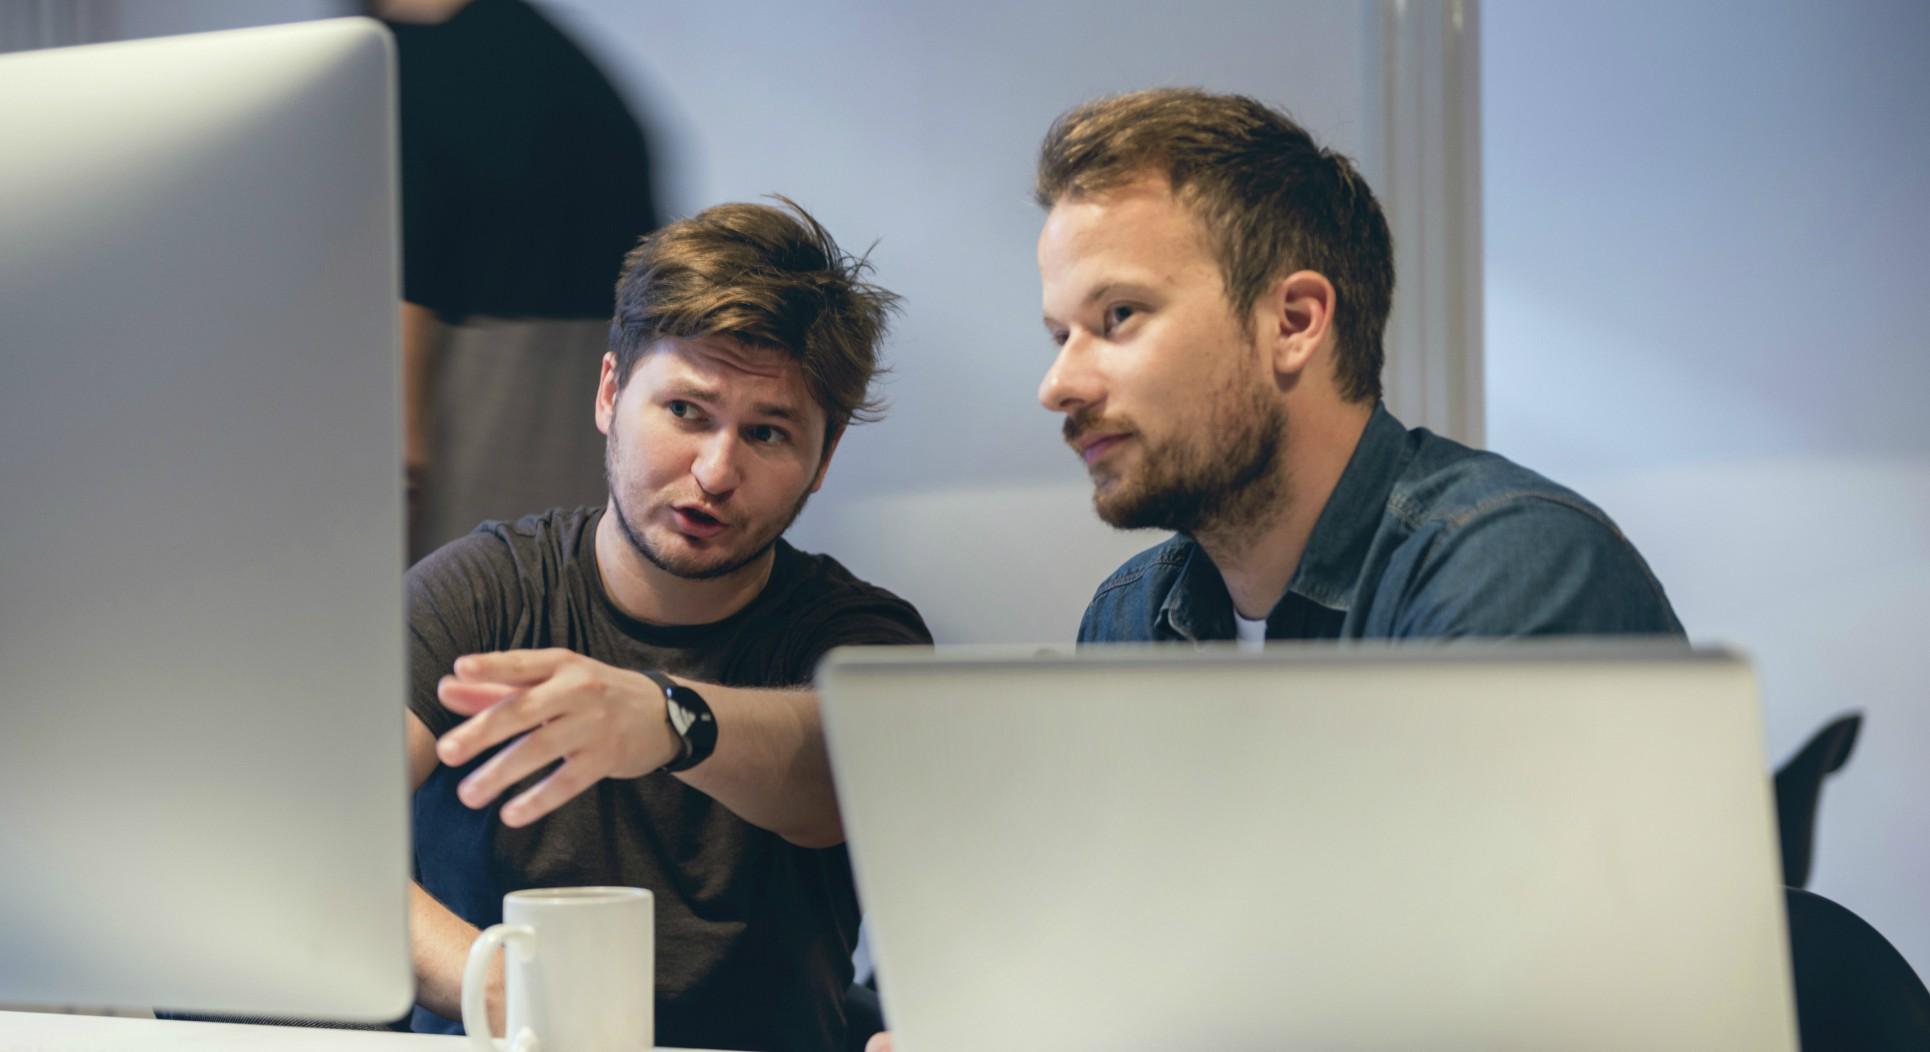 Тяжело в учении – легко в цифровом вовлечении. Интервью с главой Frontend-разработки в харьковском EPAM